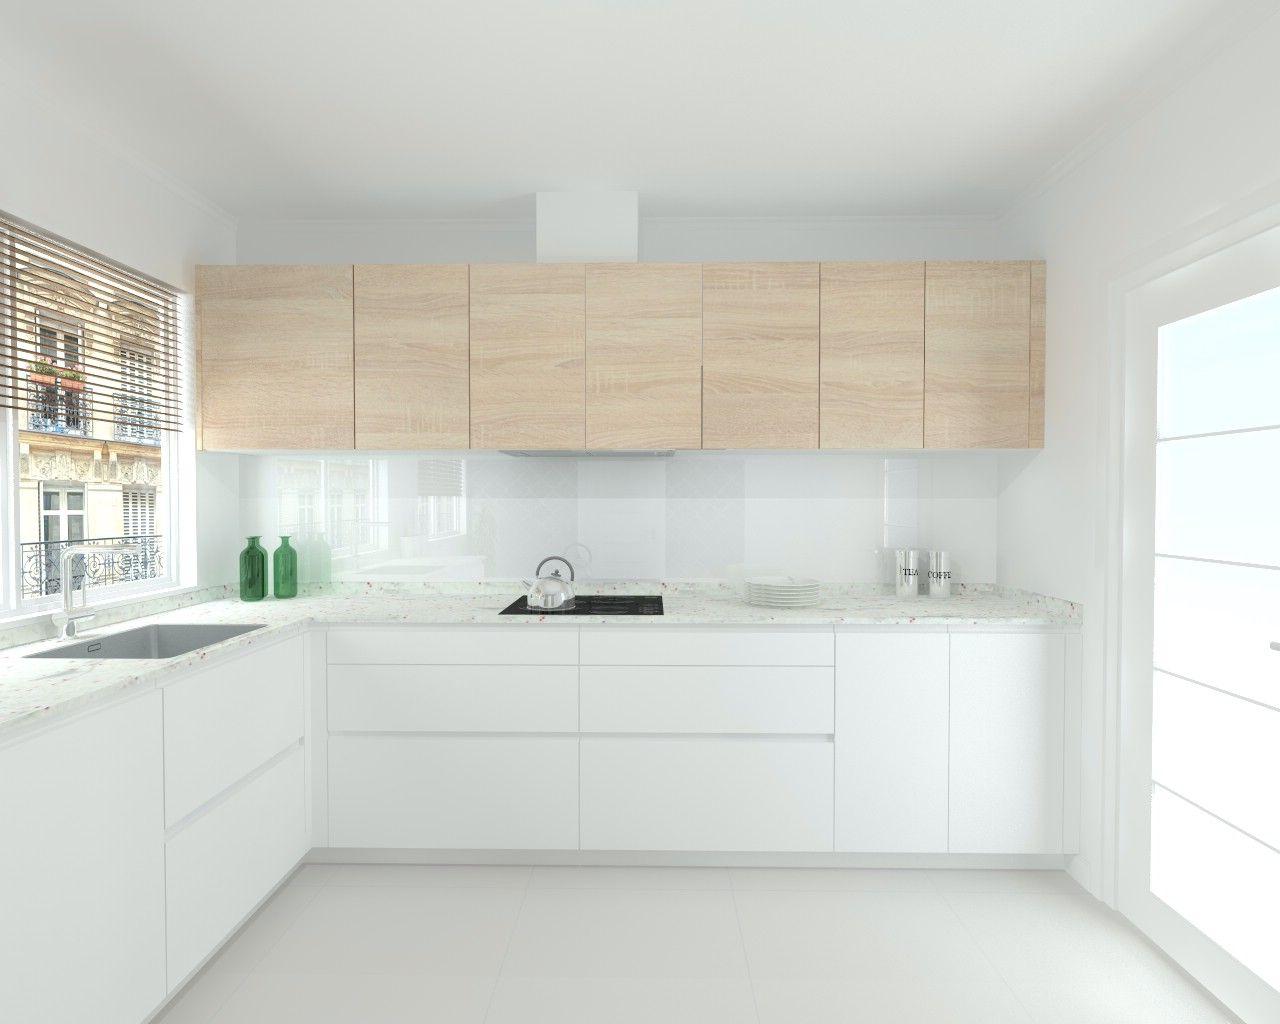 Cocina Santos Line Estratificado Blanco Encimera Granito Warwick  # Budnik Muebles De Cocina